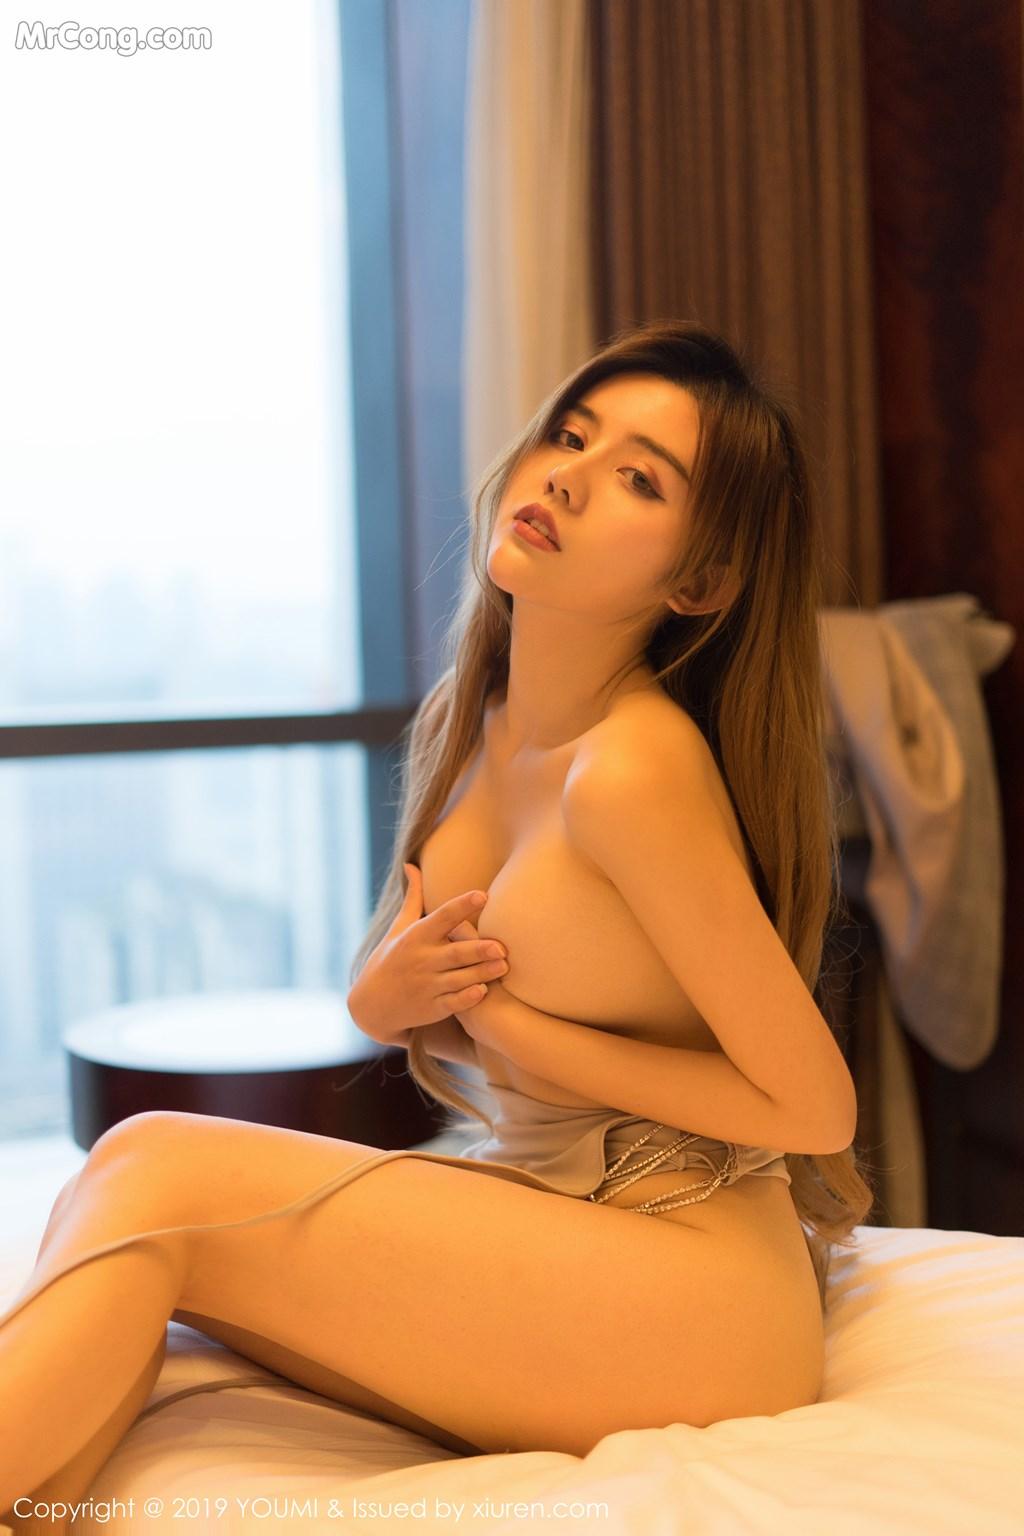 Vietyo - Xiuren - Mrcong phối hợp thực hiện : Album ảnh Gái xinh khoe vếu khủng